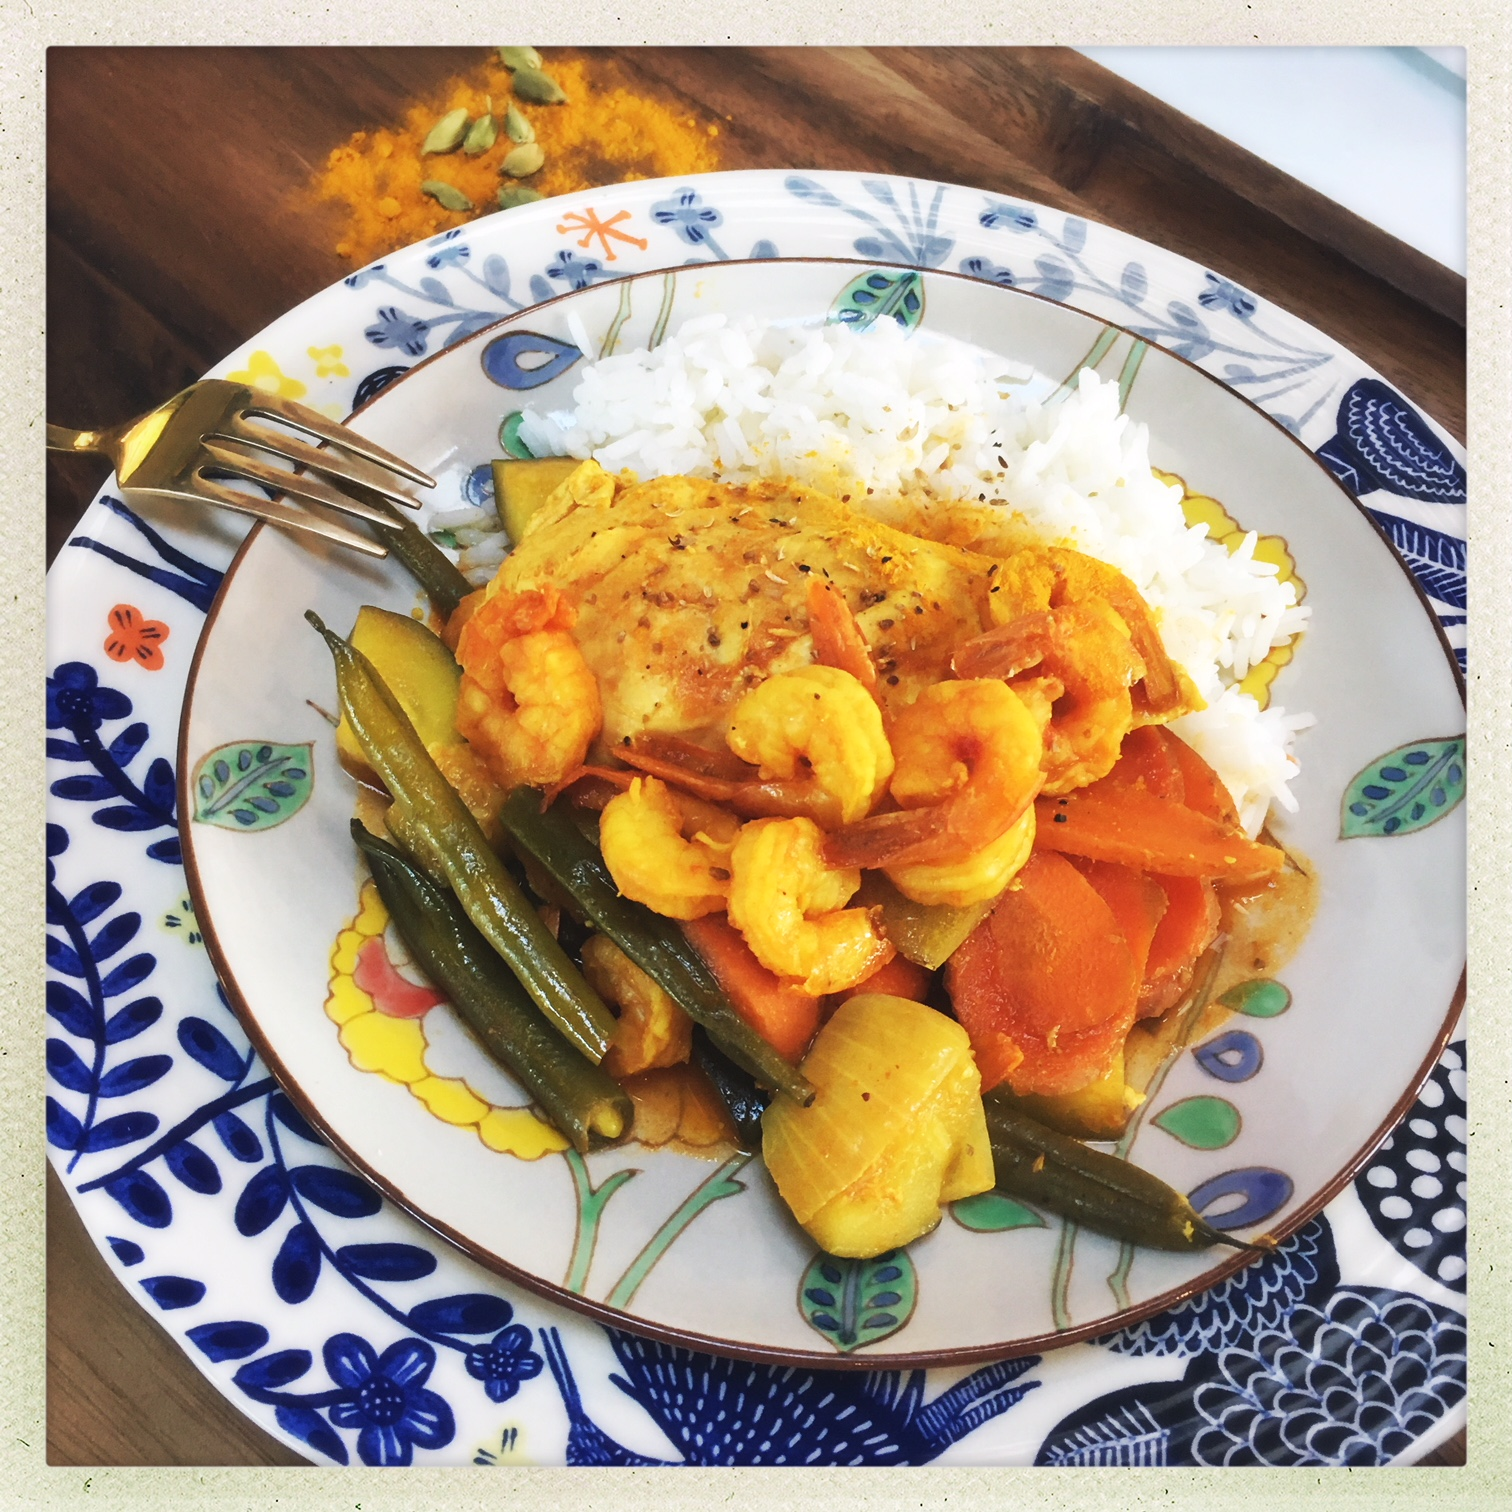 eastern crockpot  chicken and shrimp stew 1.jpg